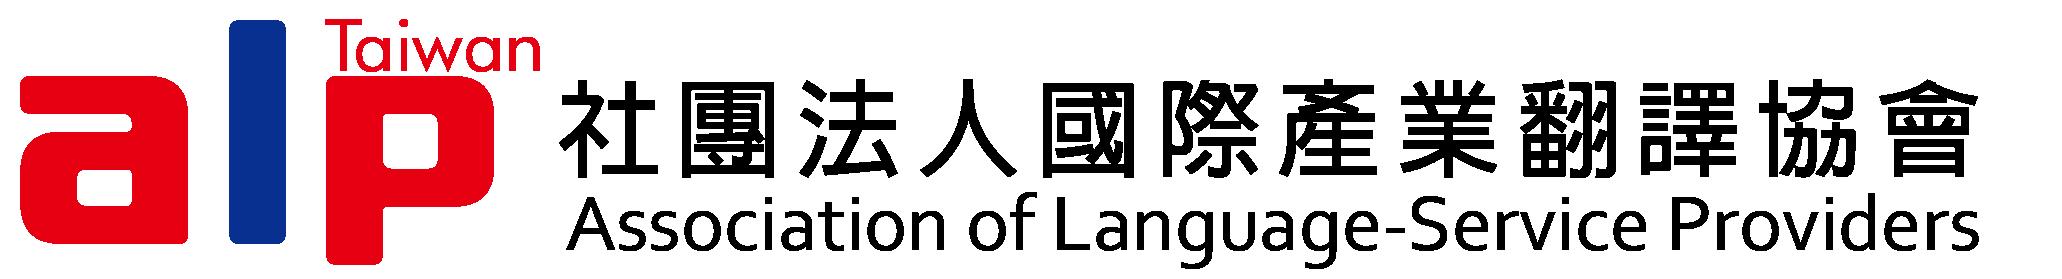 社團法人國際產業翻譯協會